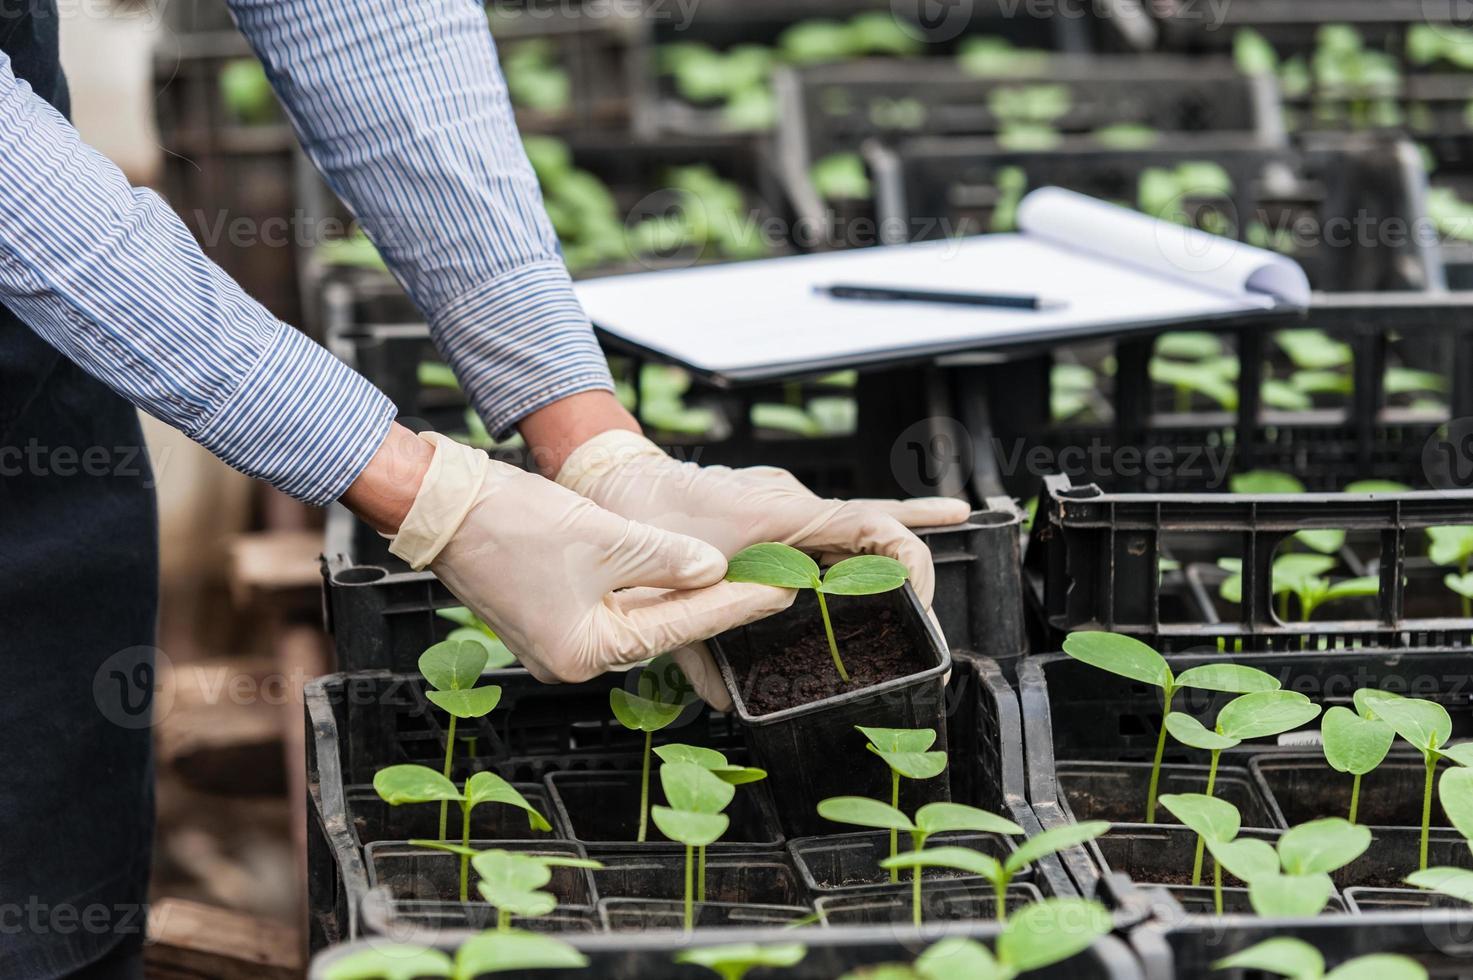 ingenjör med urklipp och penna undersöker ett växtblad foto